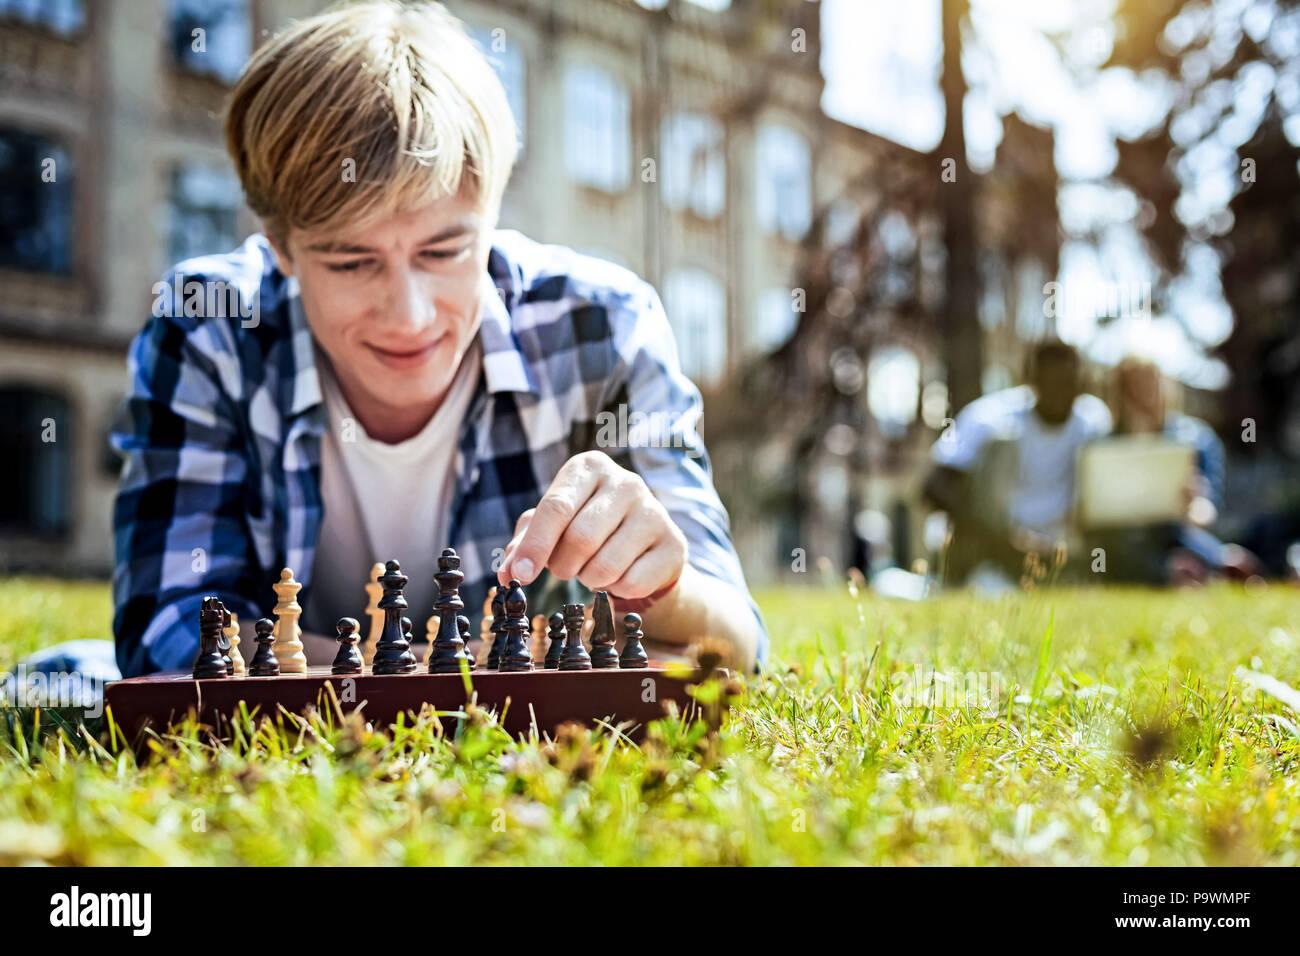 Sorridente guy godendo di gioco di scacchi all'aperto Immagini Stock